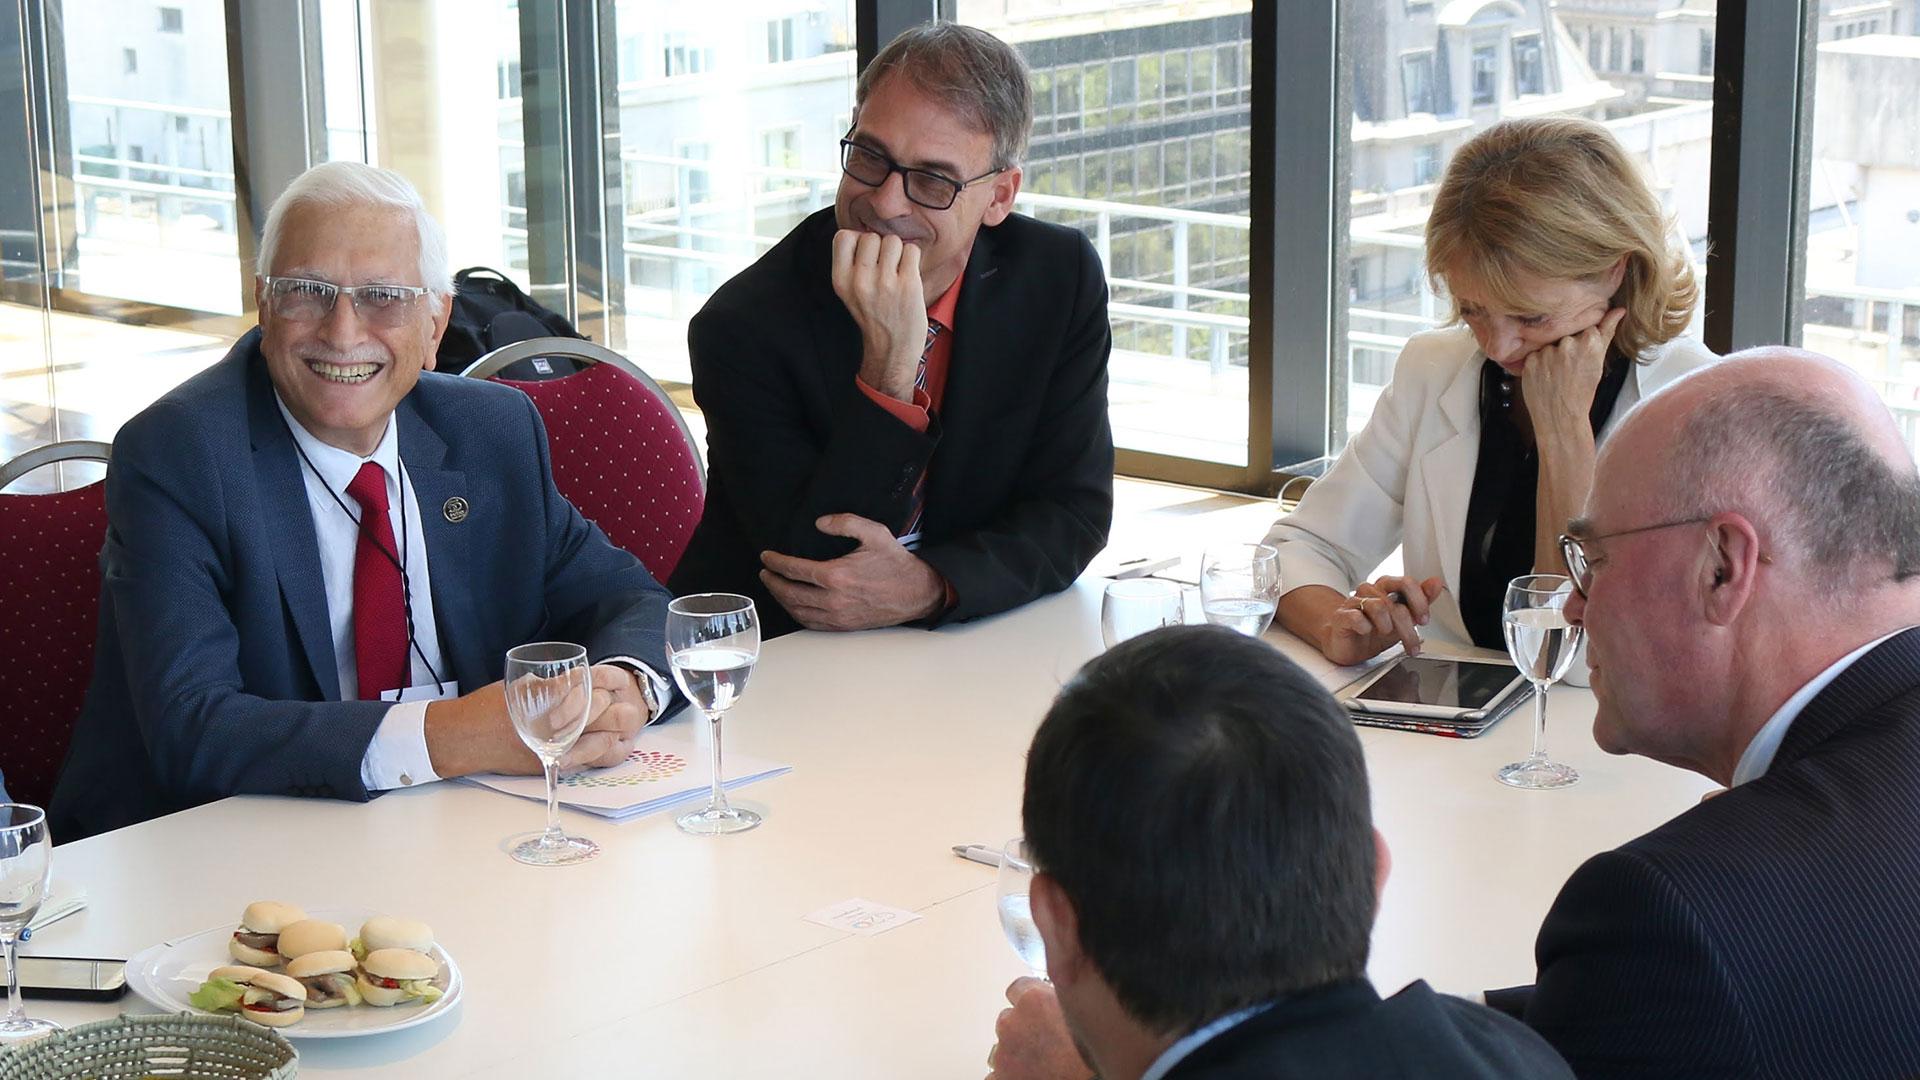 Jorge Todesca, director Indec, Stefan Schweinfest (Naciones Unidas); Martine Durand (OCDE) y Pieter Everaers (Eurostat), en un encuentro con periodistas entre los que participó Infobae